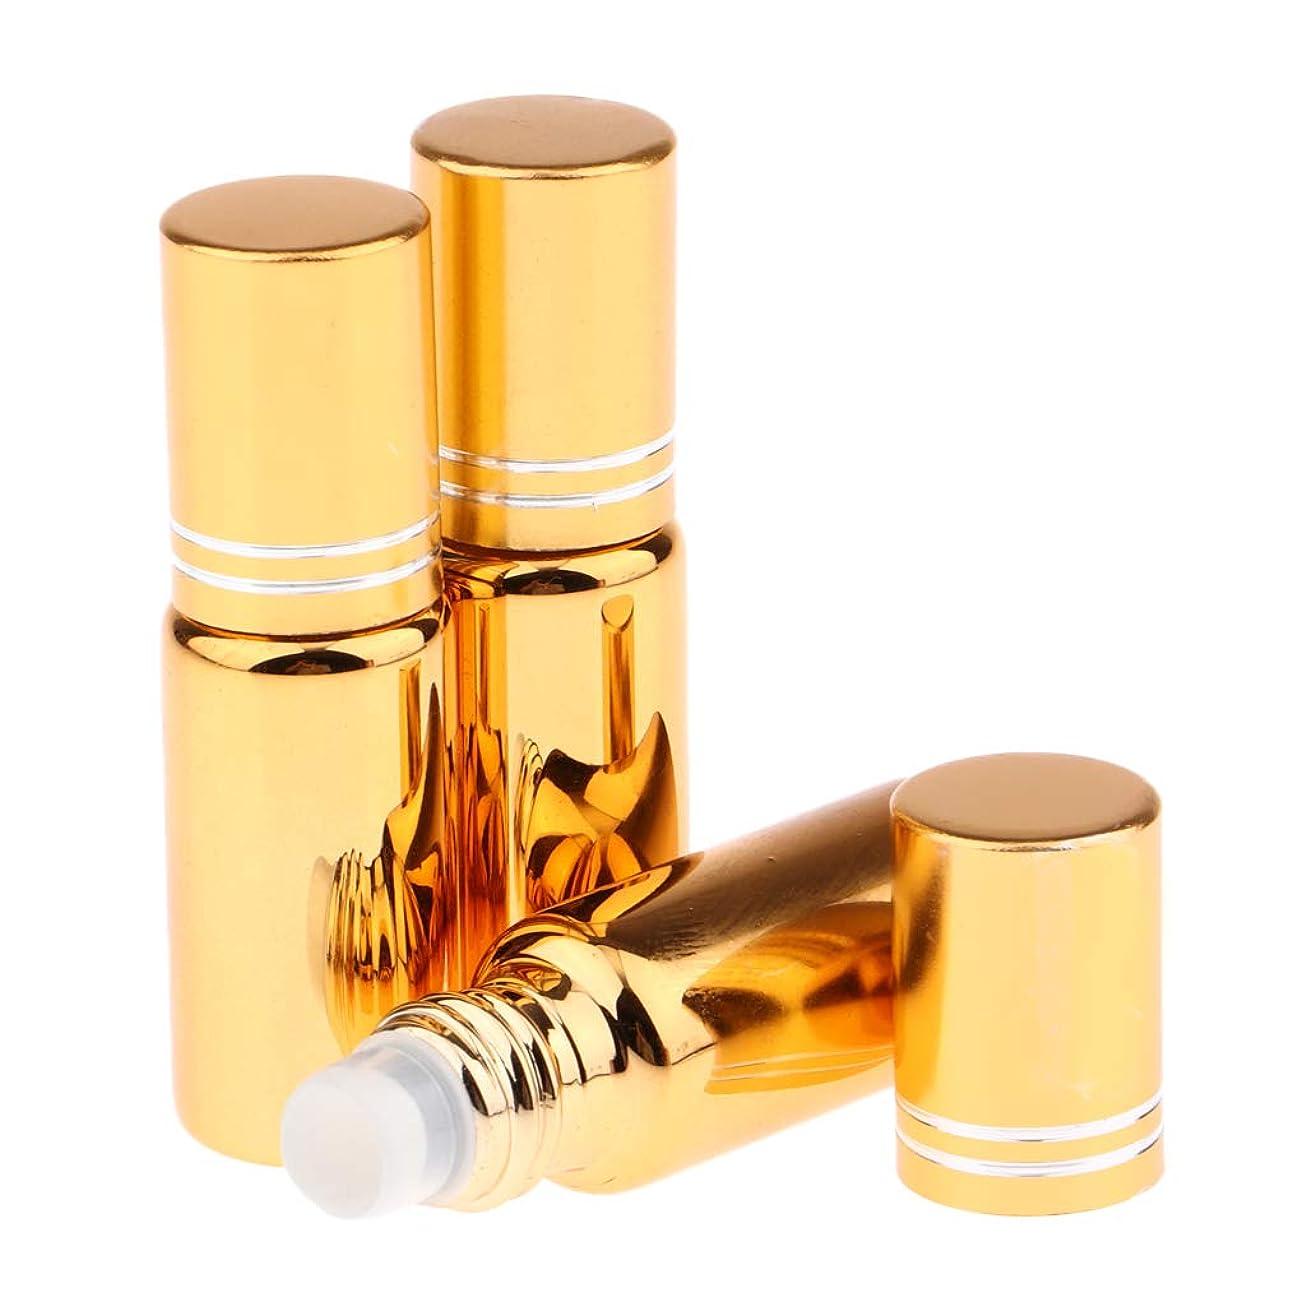 Sharplace 詰め替え ロールオンボトル アロマオイル容器 旅行/出張 携帯便利 全6色 - 金